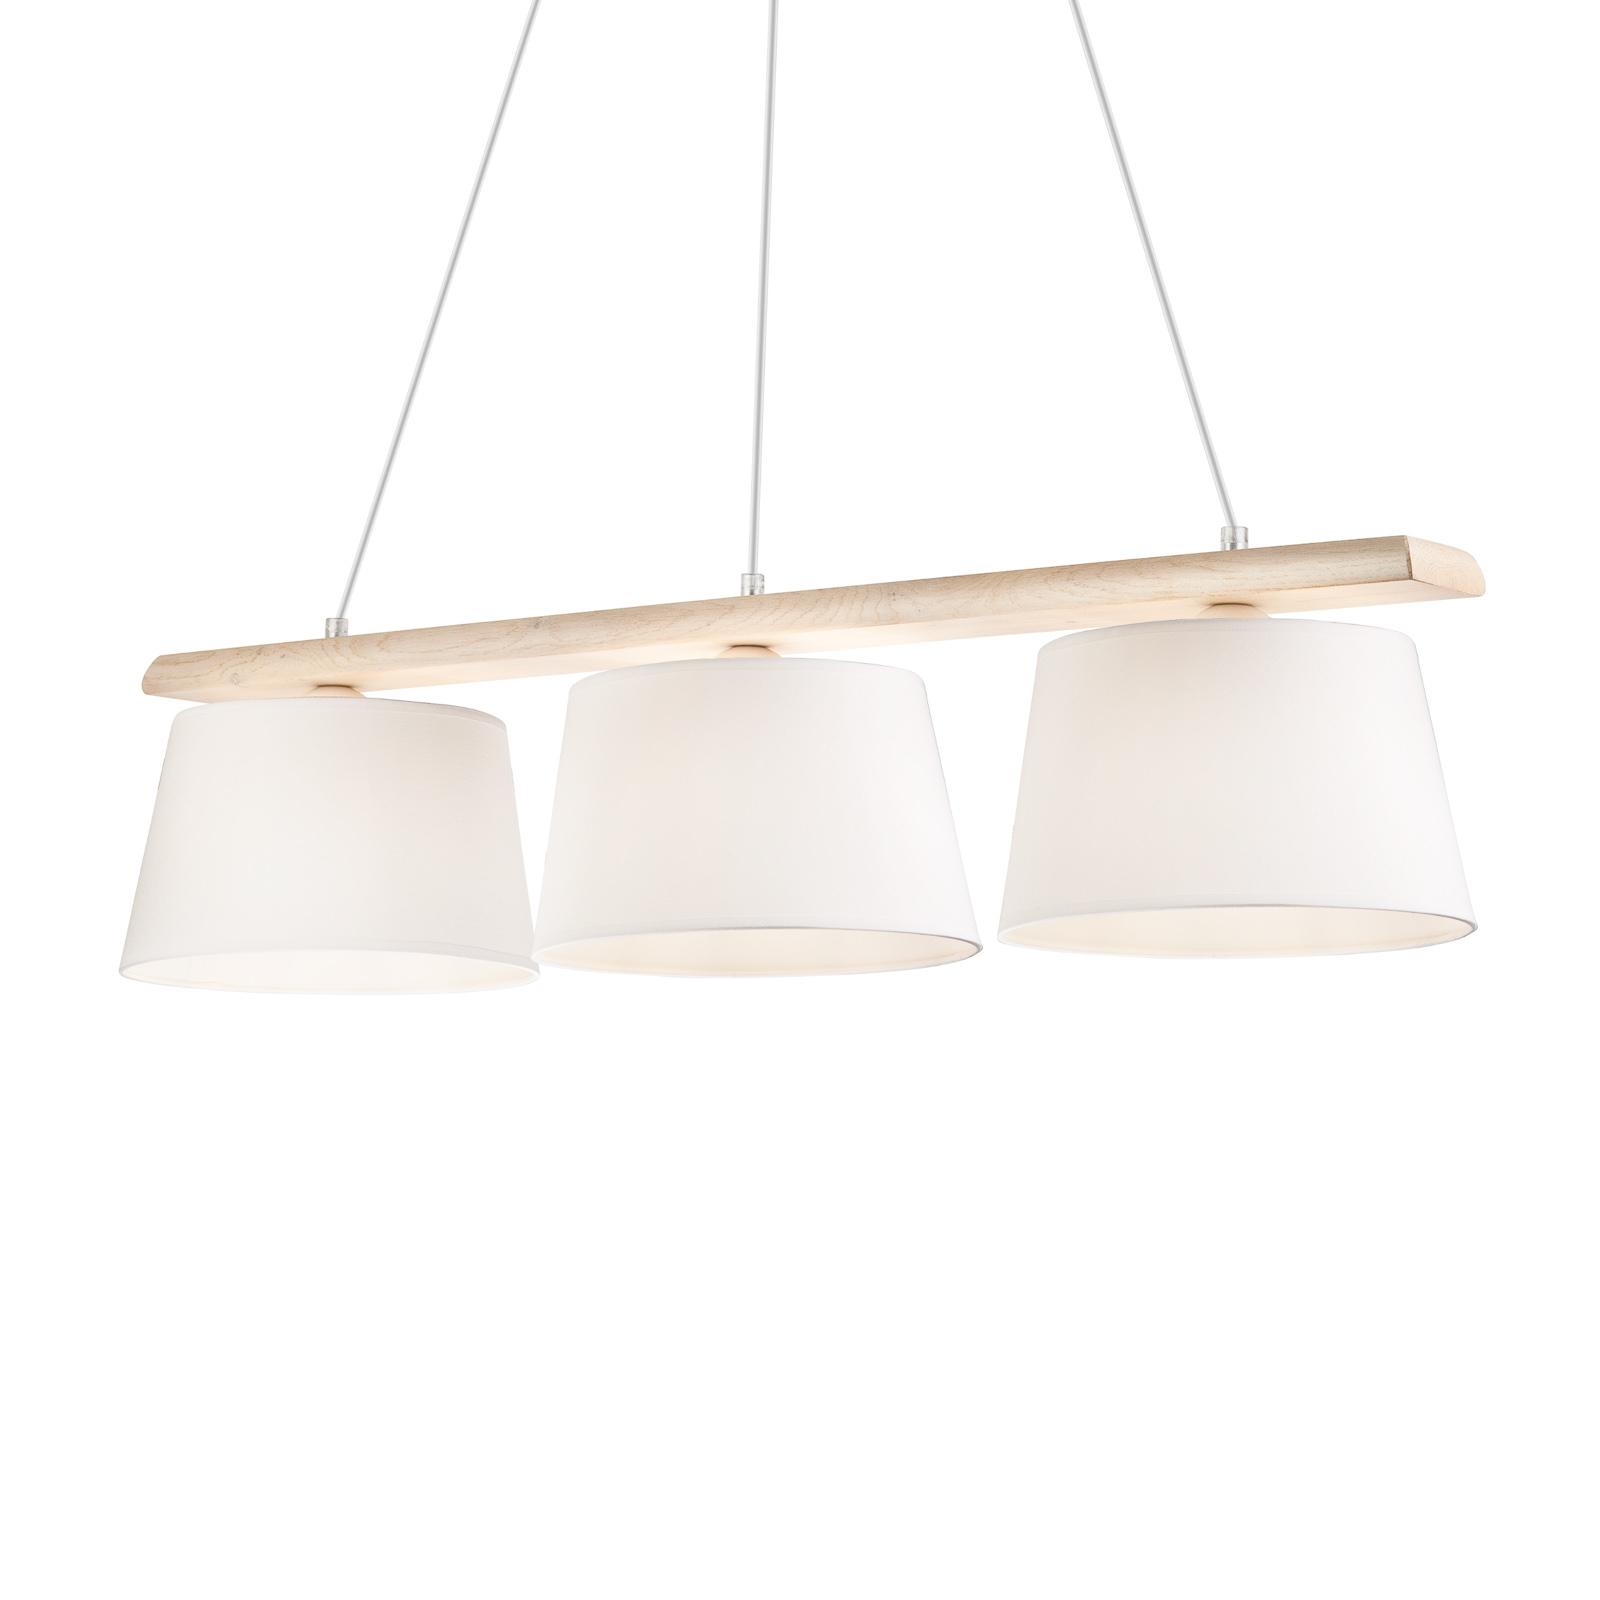 Suspension Sweden à 3 lampes, vieux blanc